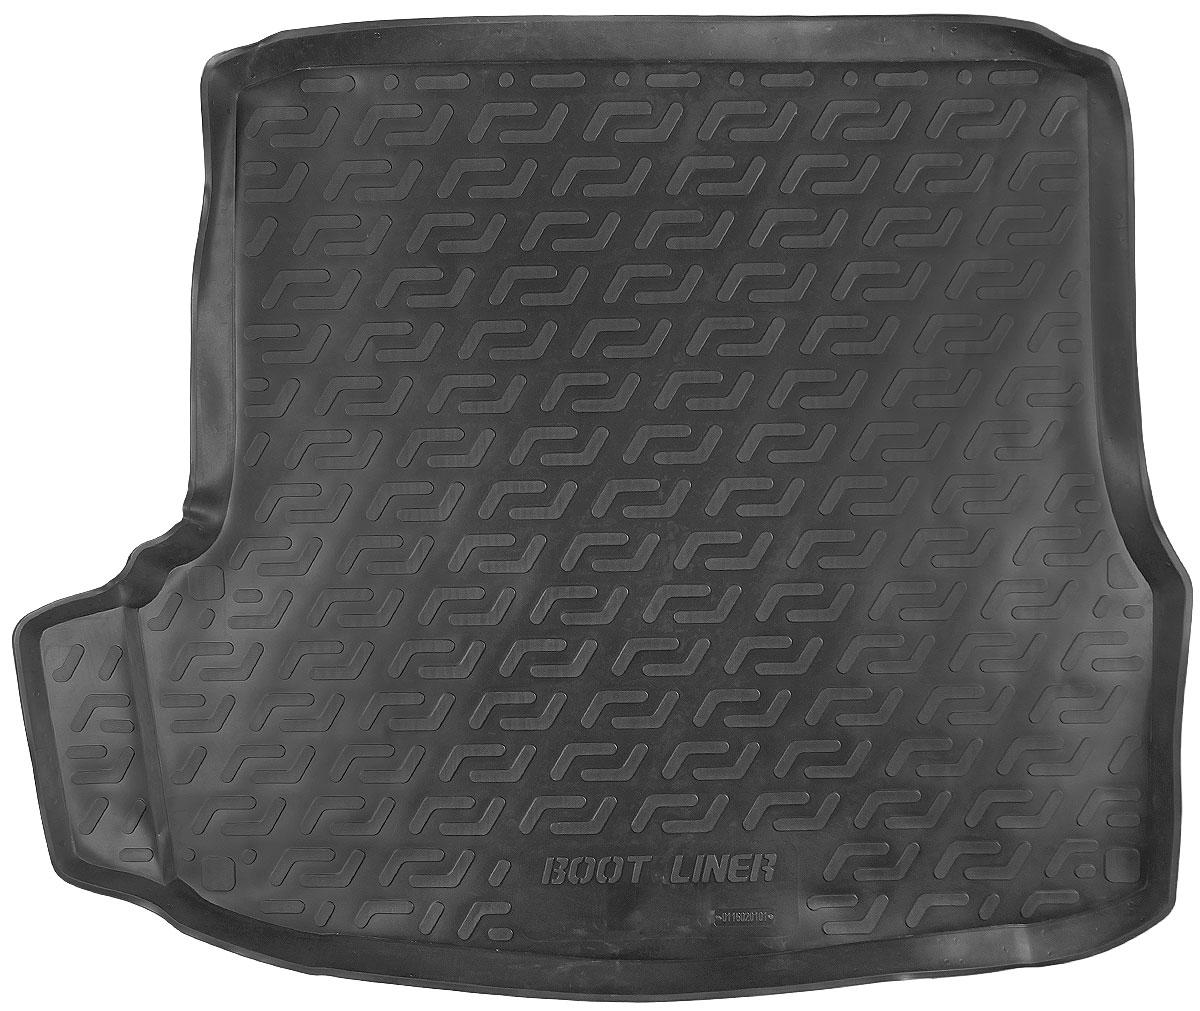 Коврик в багажник L.Locker, для Skoda Octavia (05-)0116020101Коврик L.Locker производится индивидуально для каждой модели автомобиля из современного и экологически чистого материала. Изделие точно повторяет геометрию пола автомобиля, имеет высокий борт, обладает повышенной износоустойчивостью, антискользящими свойствами, лишен резкого запаха и сохраняет свои потребительские свойства в широком диапазоне температур (от -50°С до +80°С).